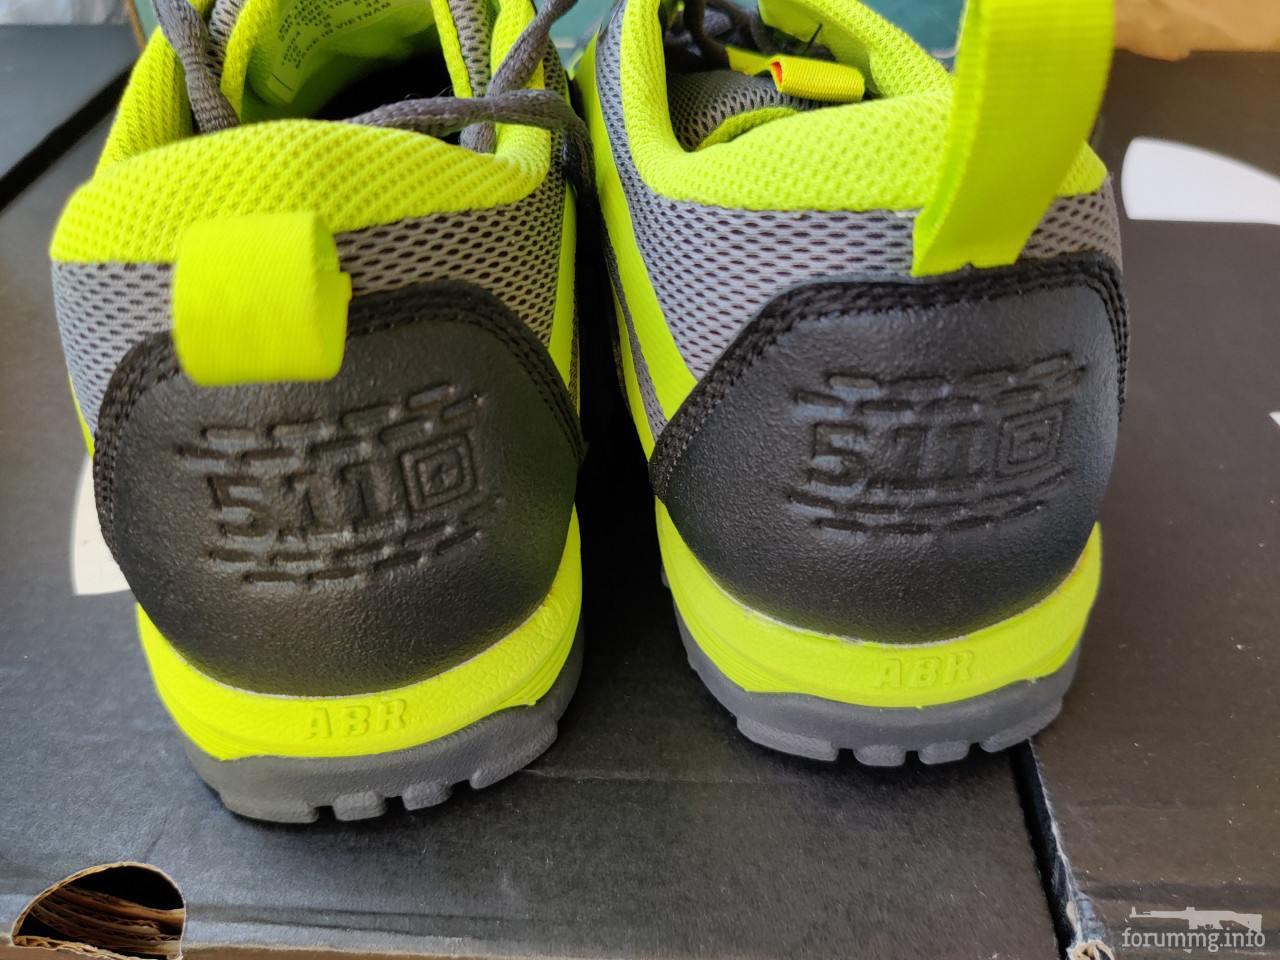 139507 - Тактические кроссовки 5.11,новые без коробок